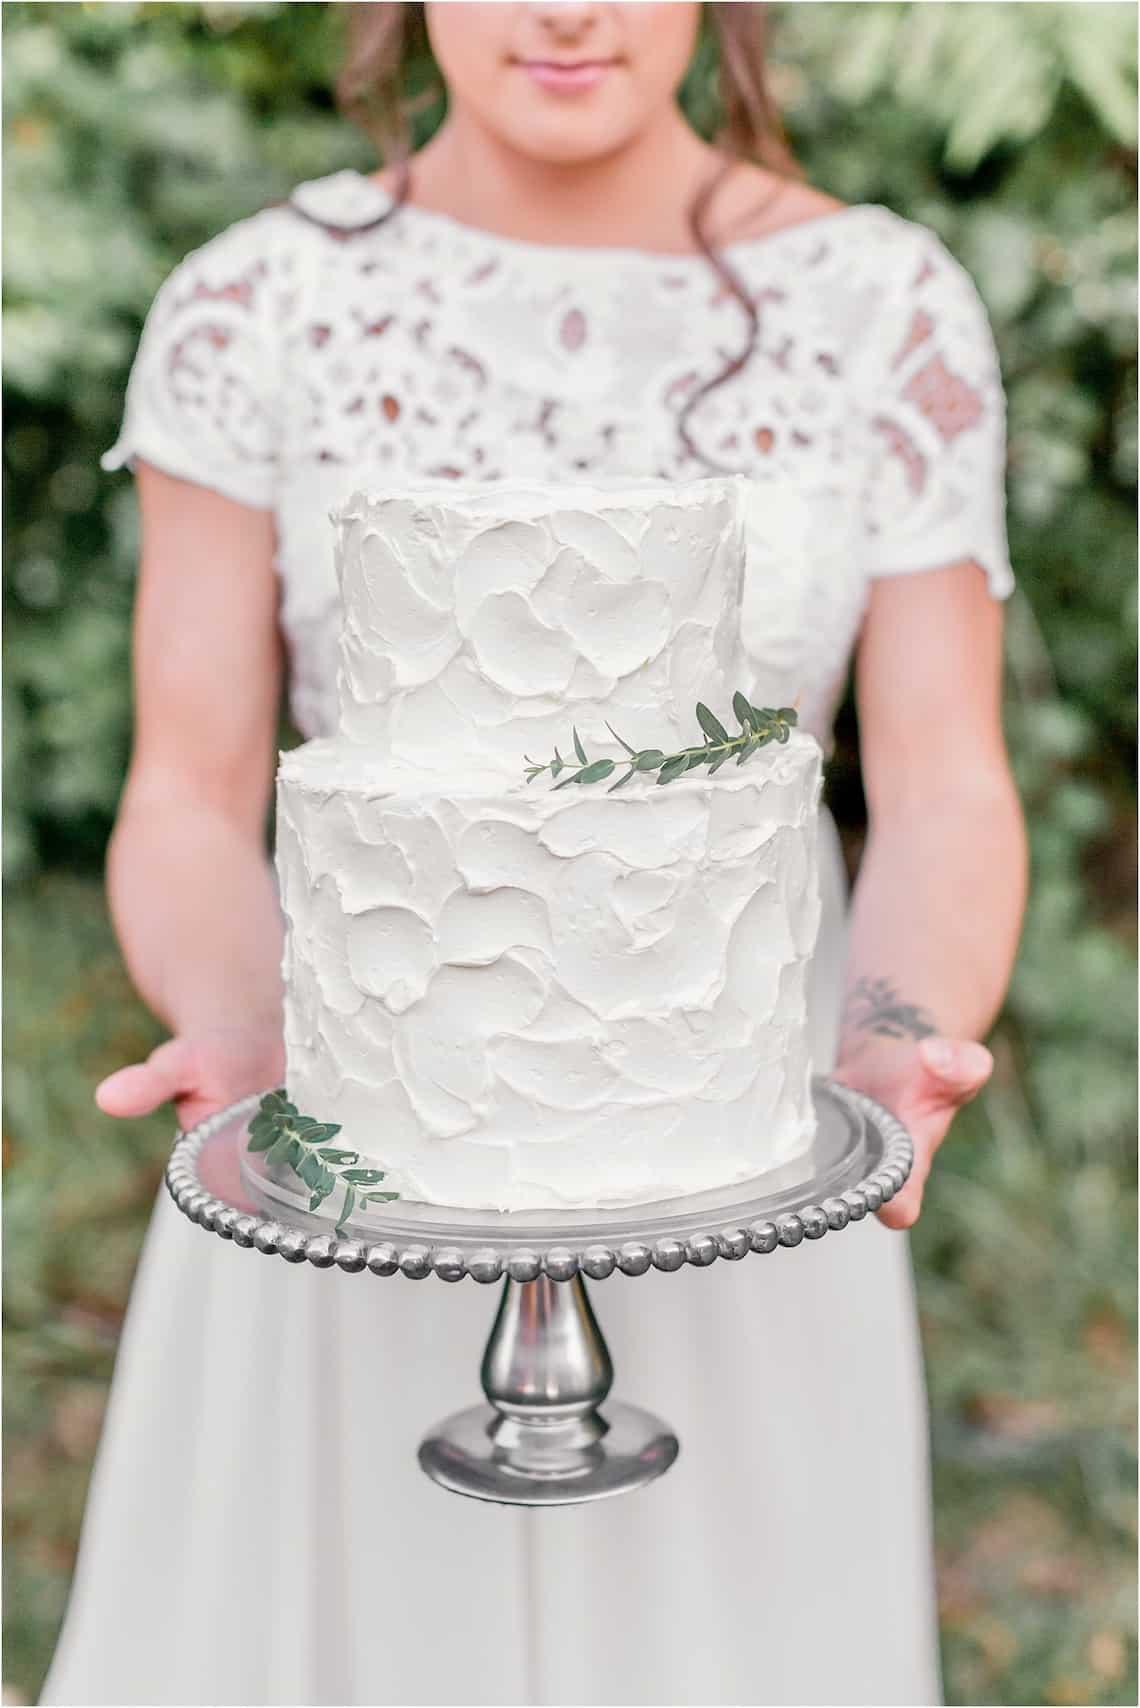 Bride Holding Classic White Wedding Cake